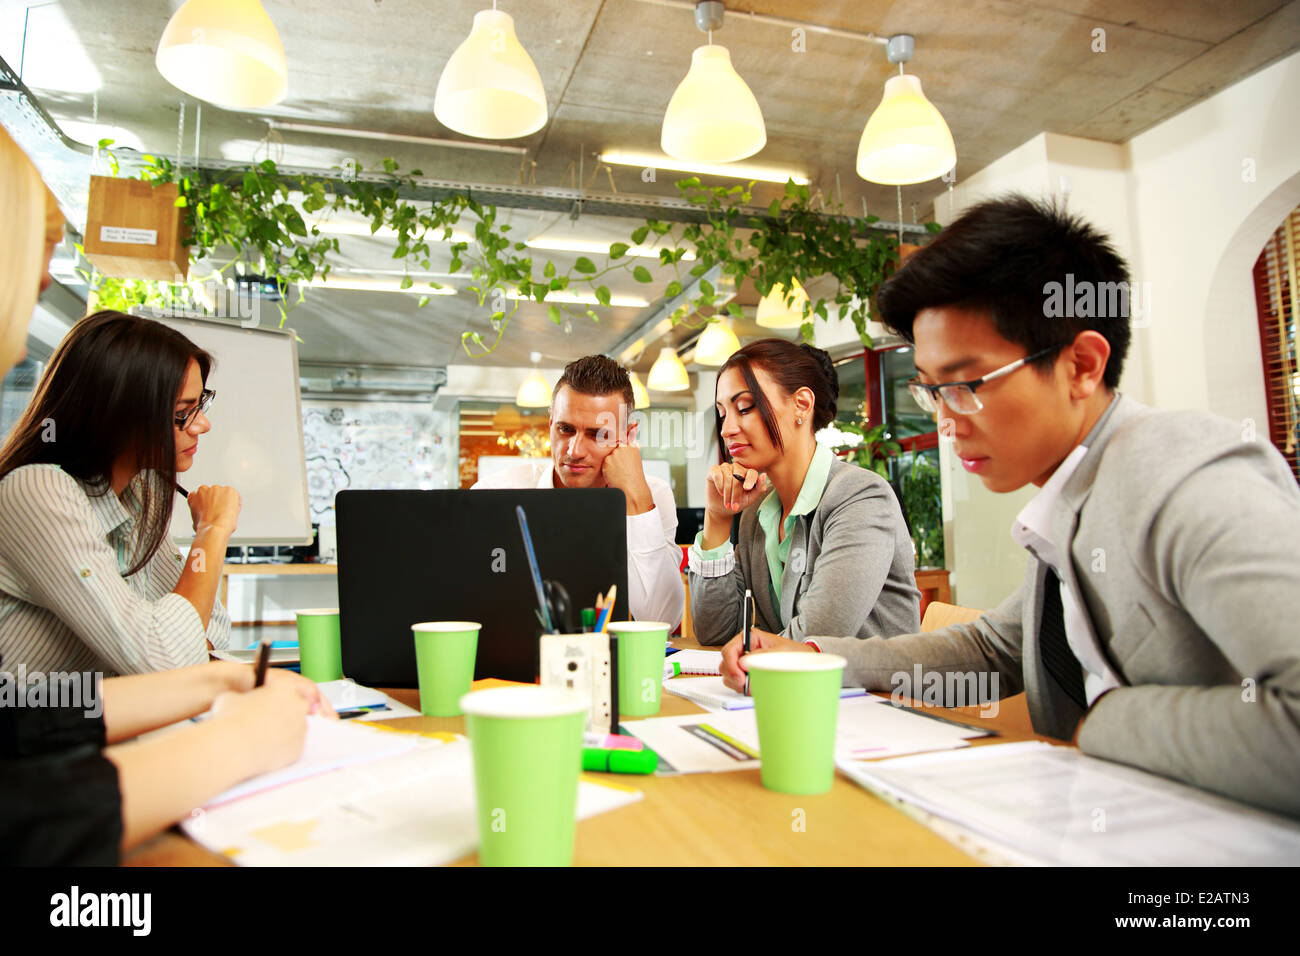 Gente de negocios reuniendo en torno a una mesa de oficina Imagen De Stock